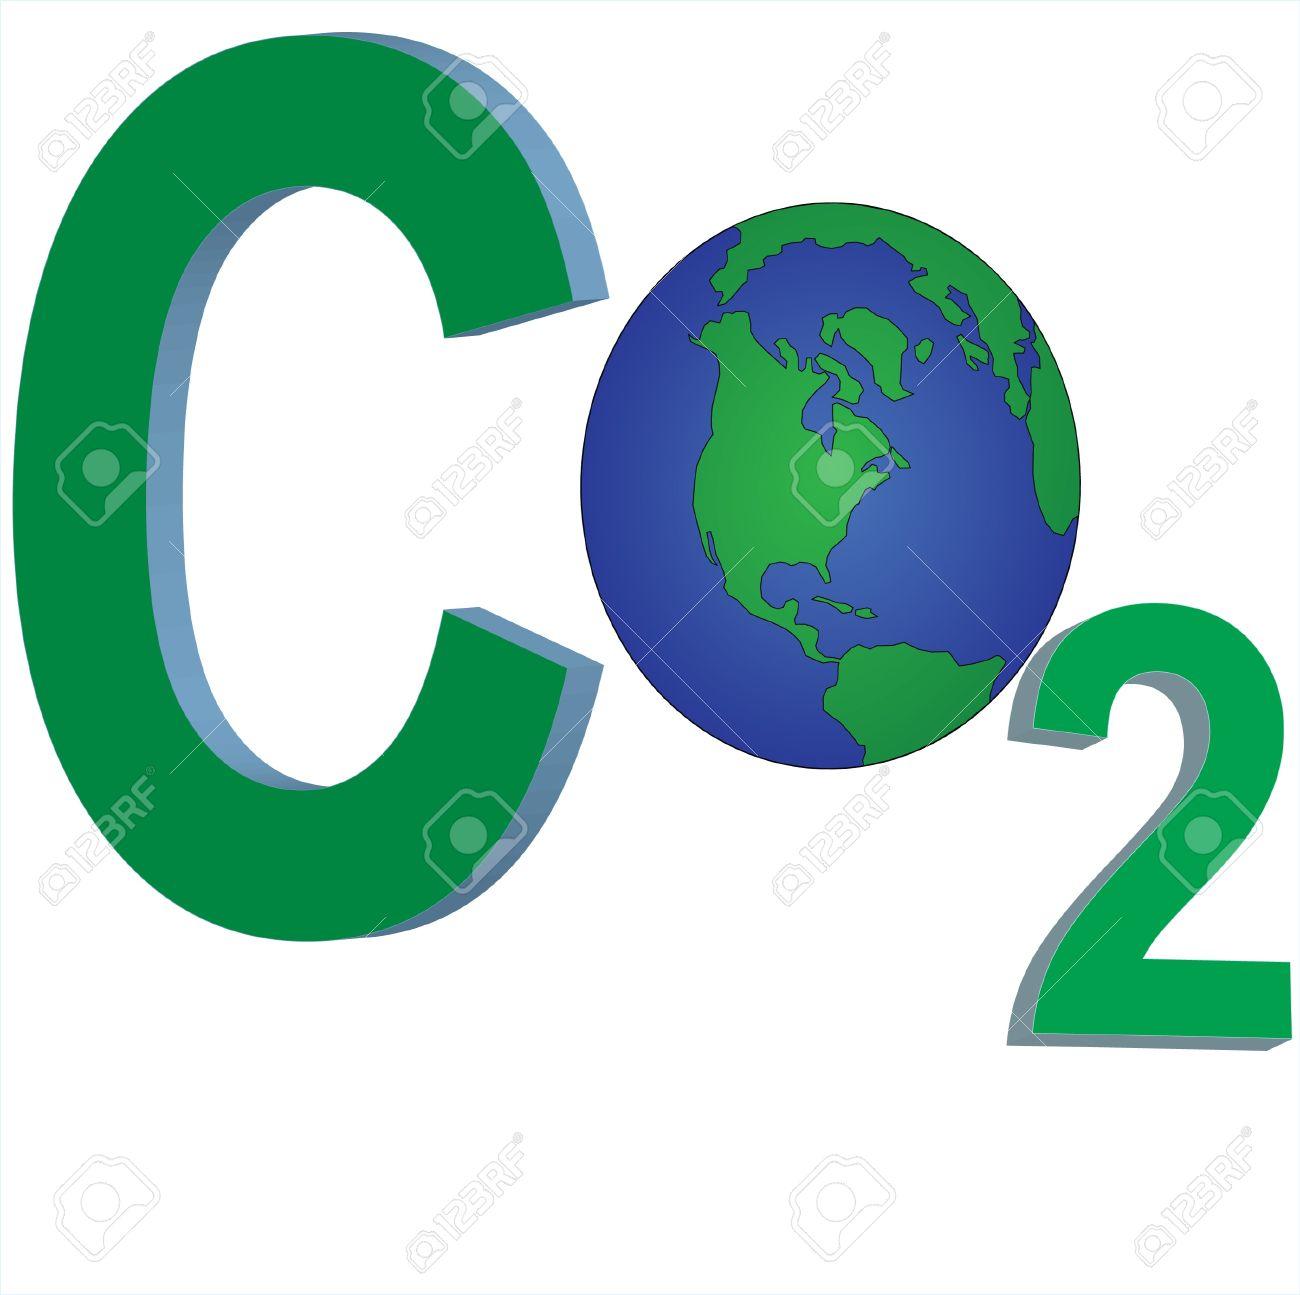 Carbon gas clipart.